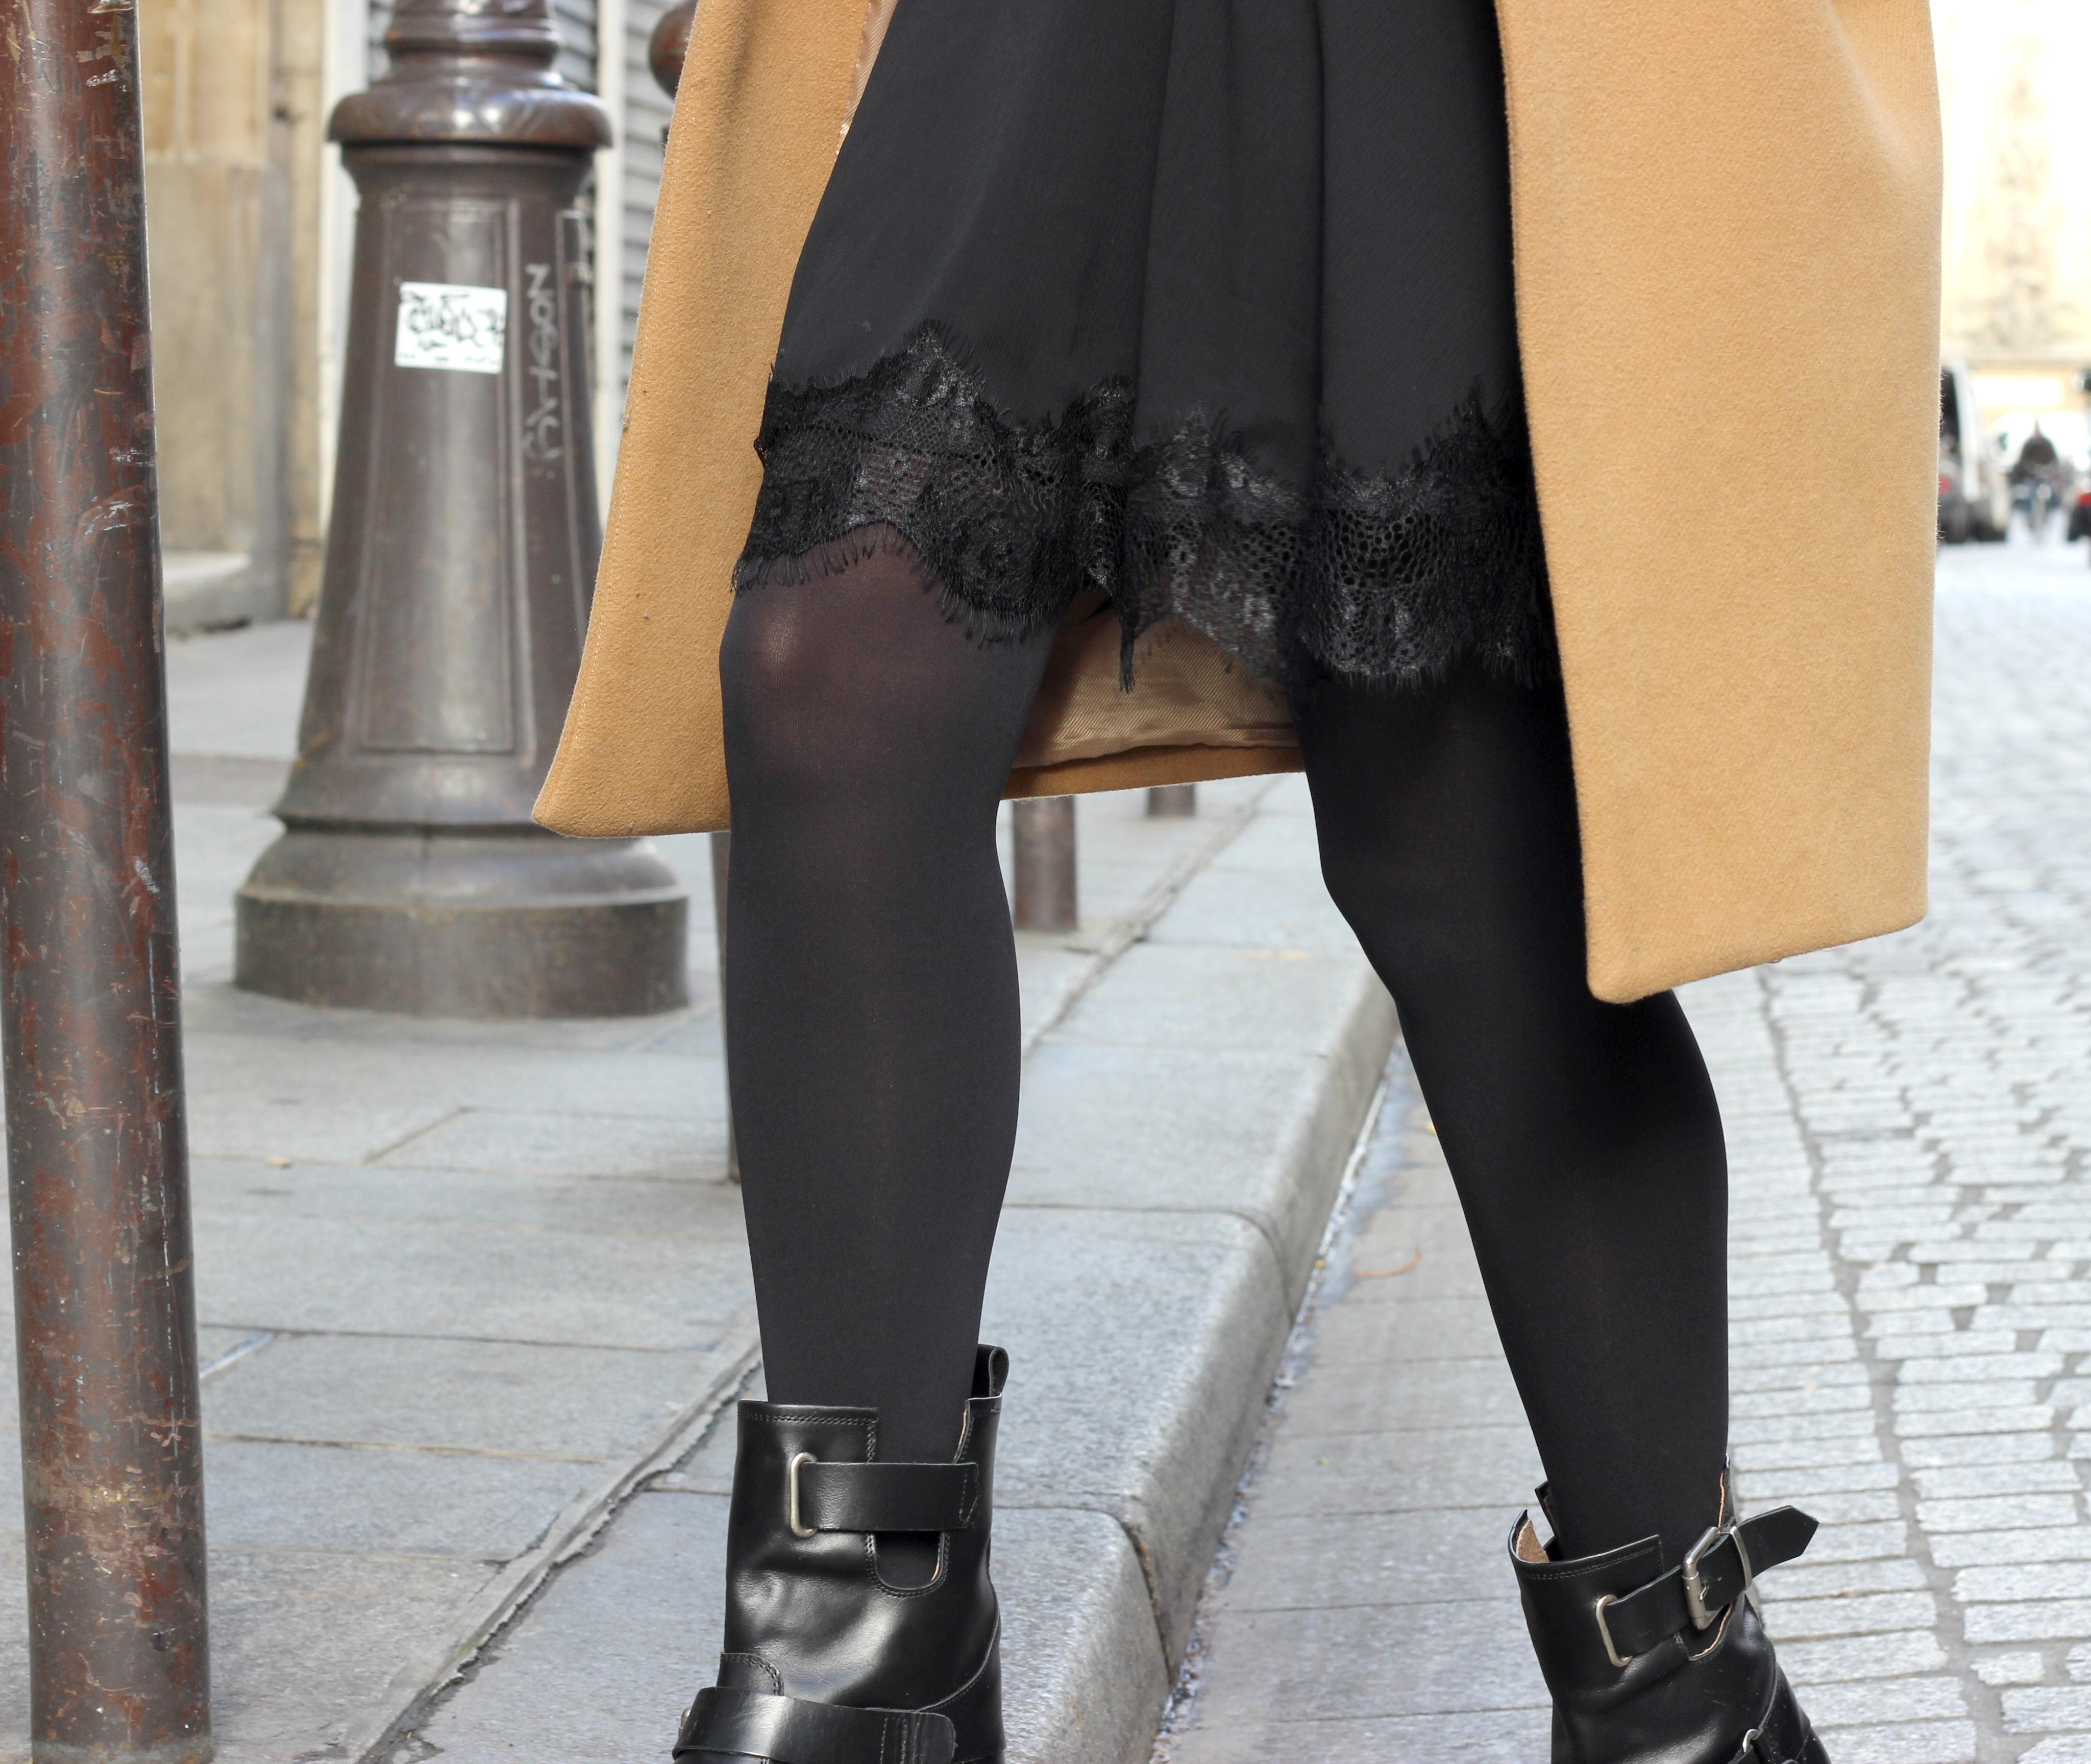 detail-dentelle-robe-nuisette-blog-mode-paris